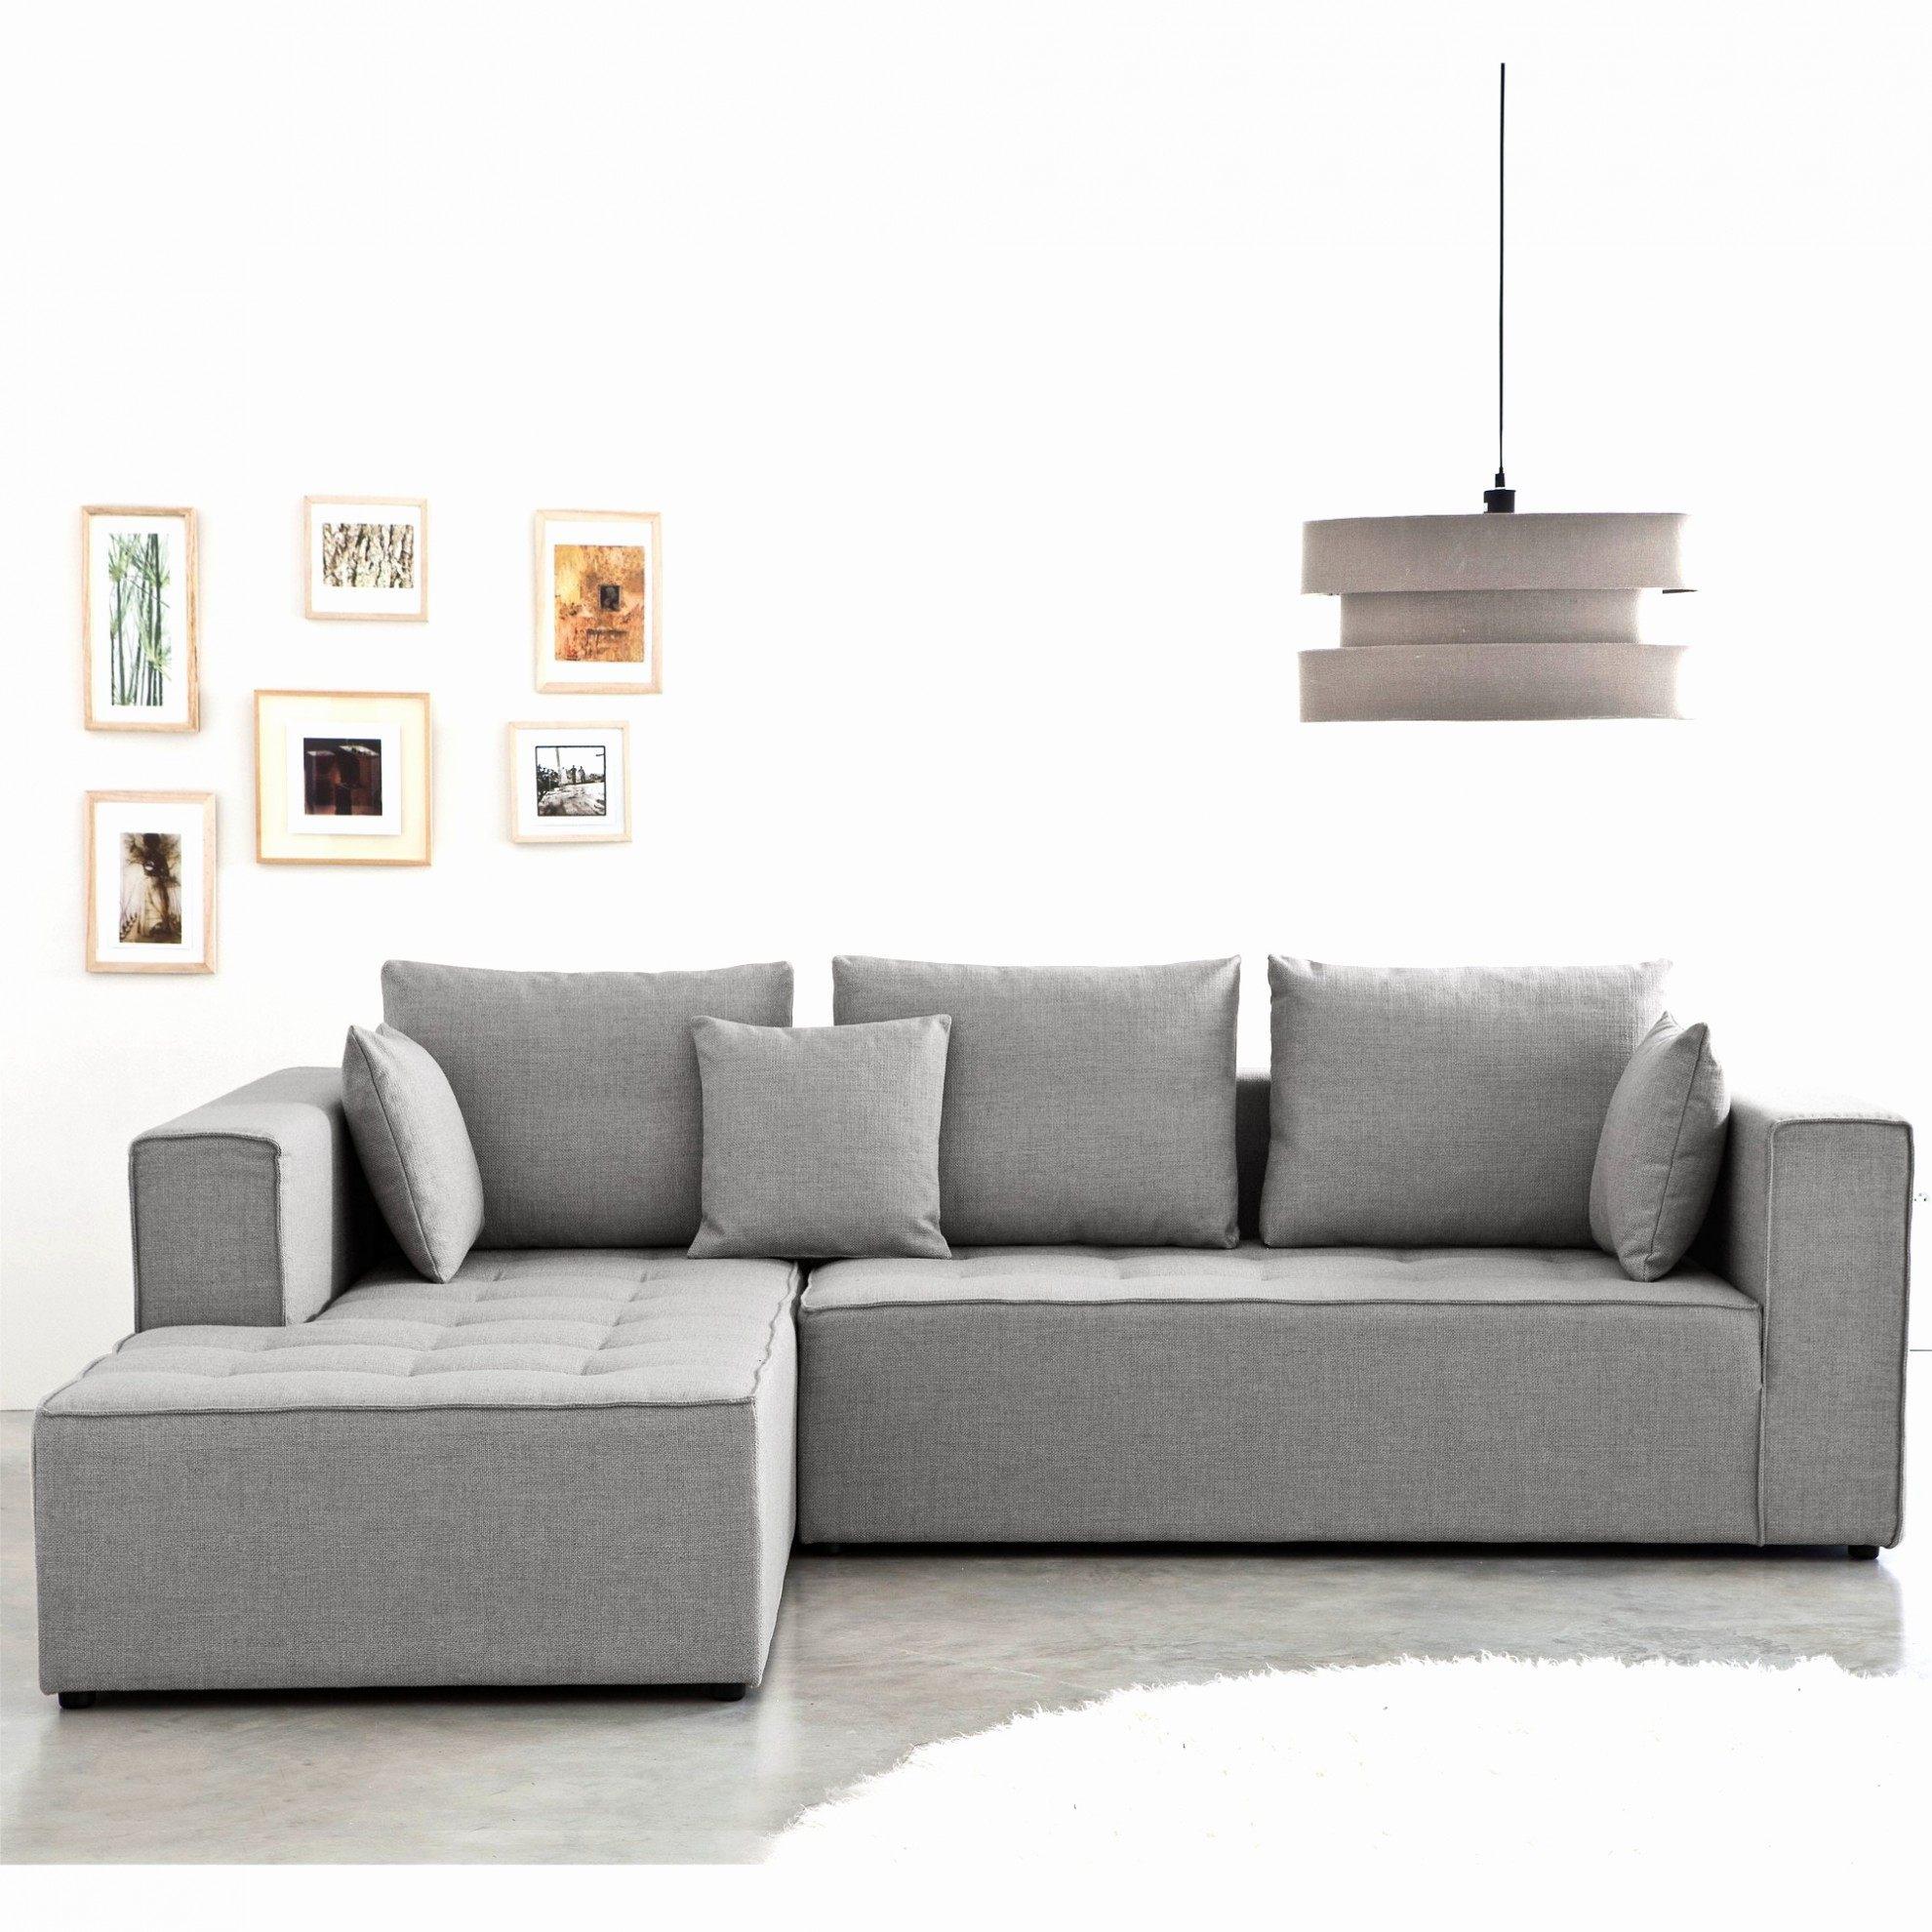 Canapé Lit Pour Dormir tous Les Jours Inspirant Lesmeubles Petit Canapé Convertible — Lesmeubles